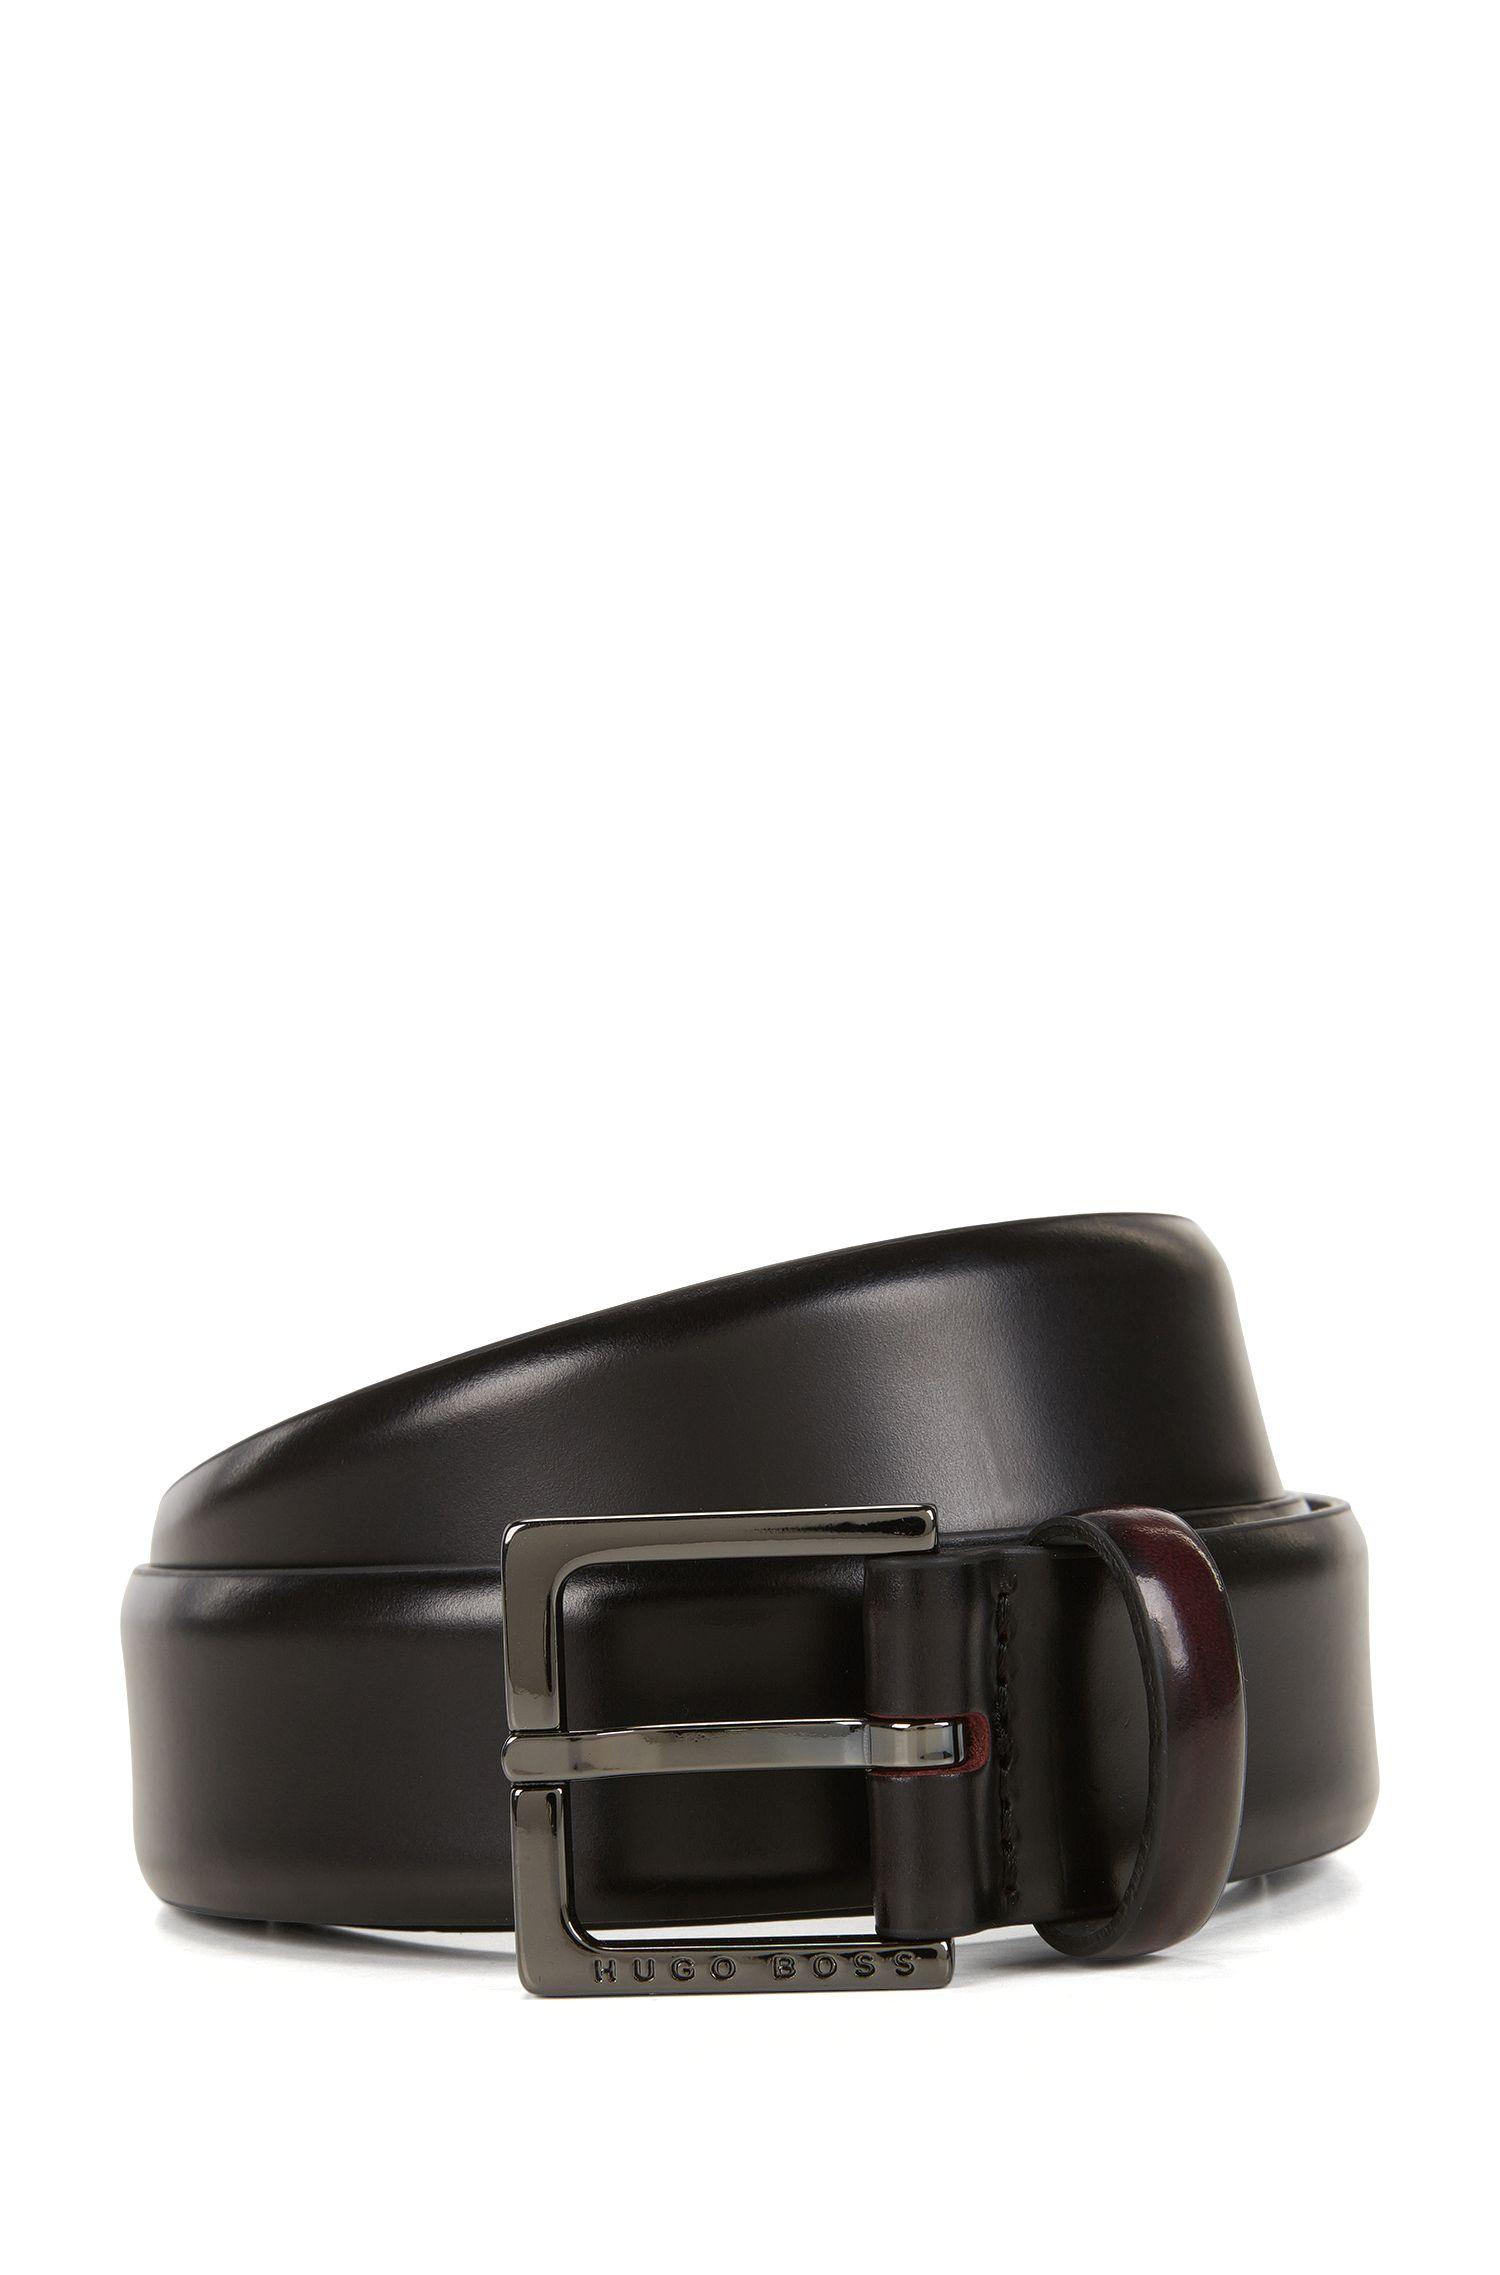 Chino-Gürtel aus glänzend poliertem Leder